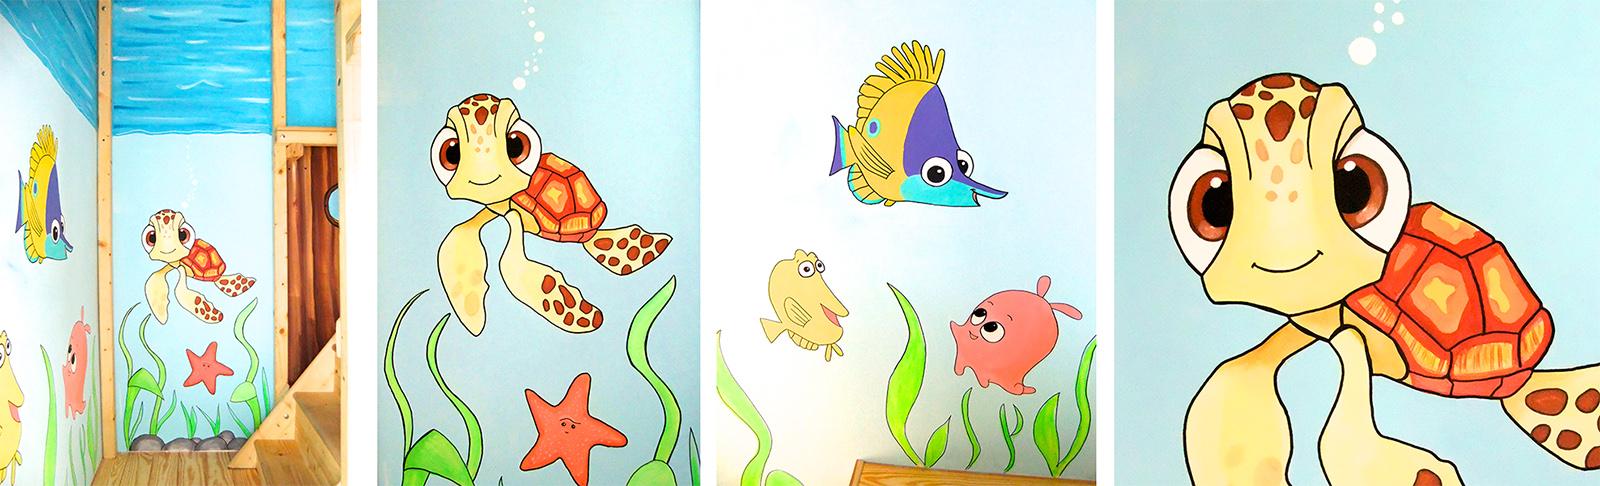 Attraktiv Wandgestaltung, Wandbemalung Und Wandgemälde Für Kinderzimmer: Sweetwall